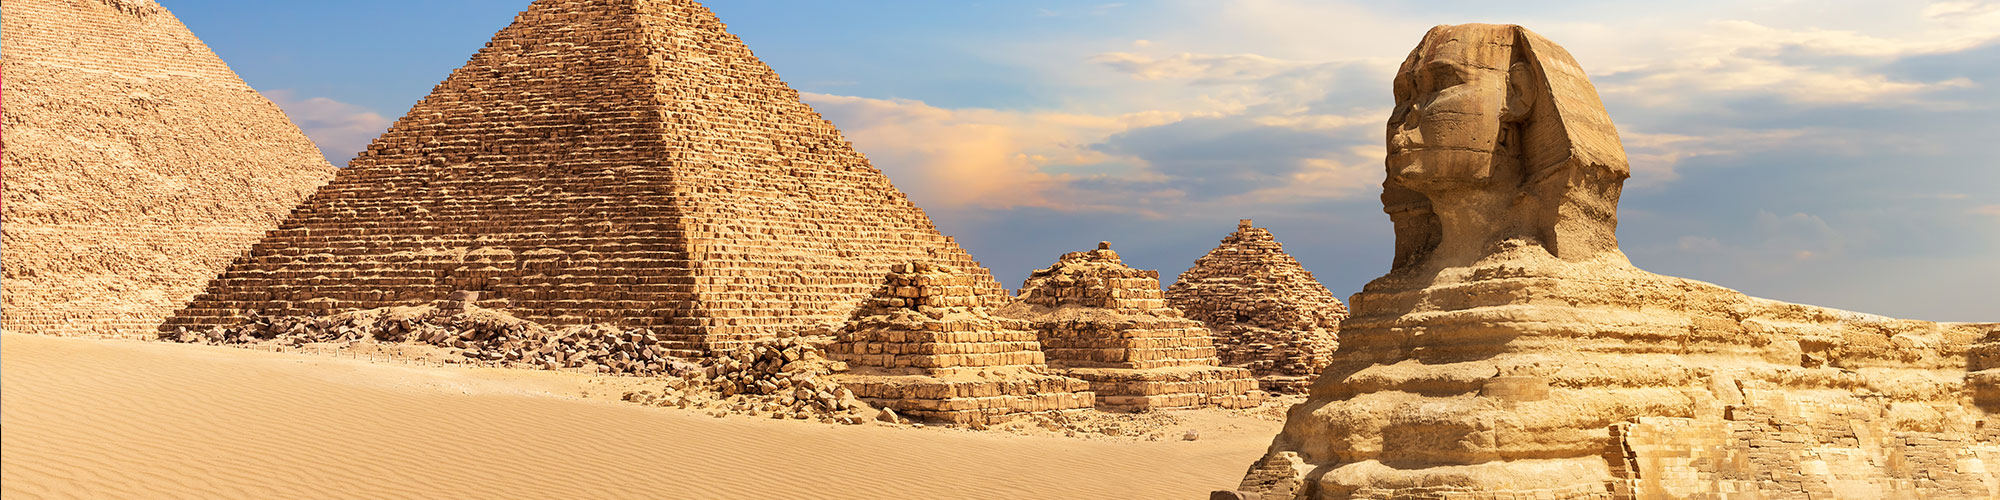 Egipto Semana Santa - El País Viajes